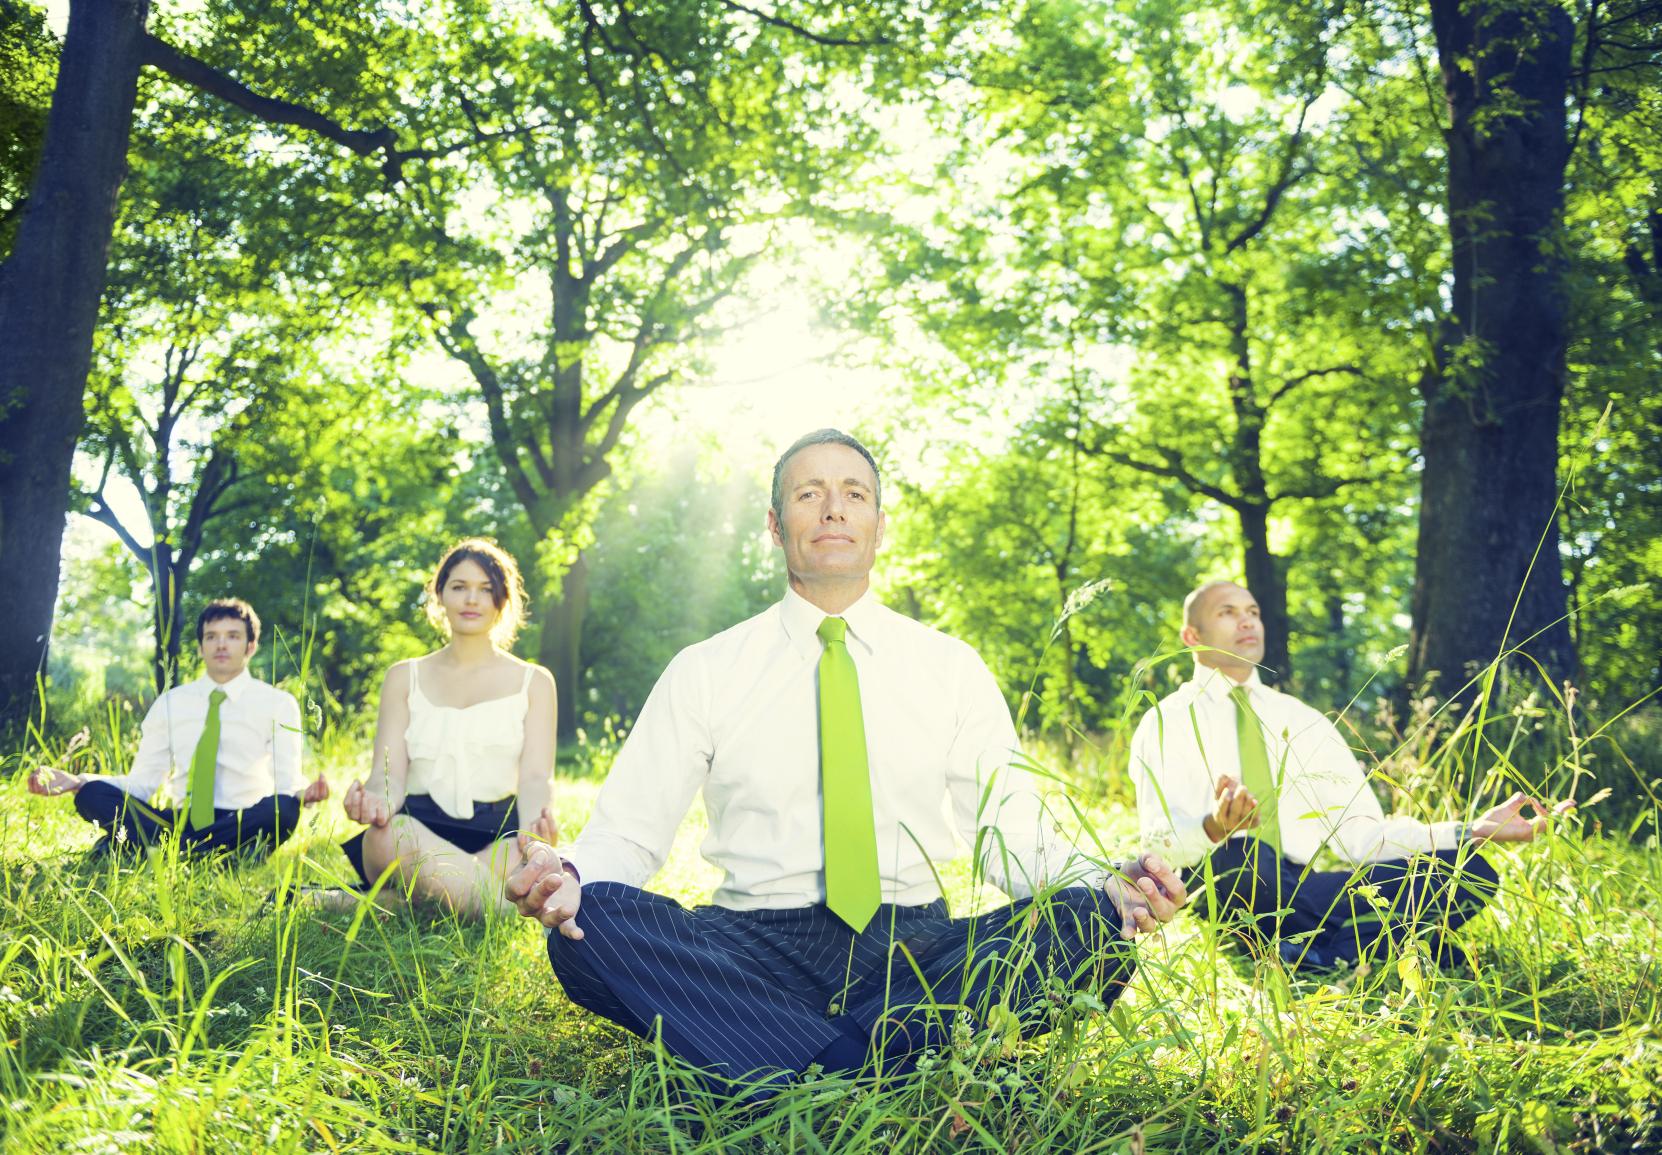 Yoga creates leaders.